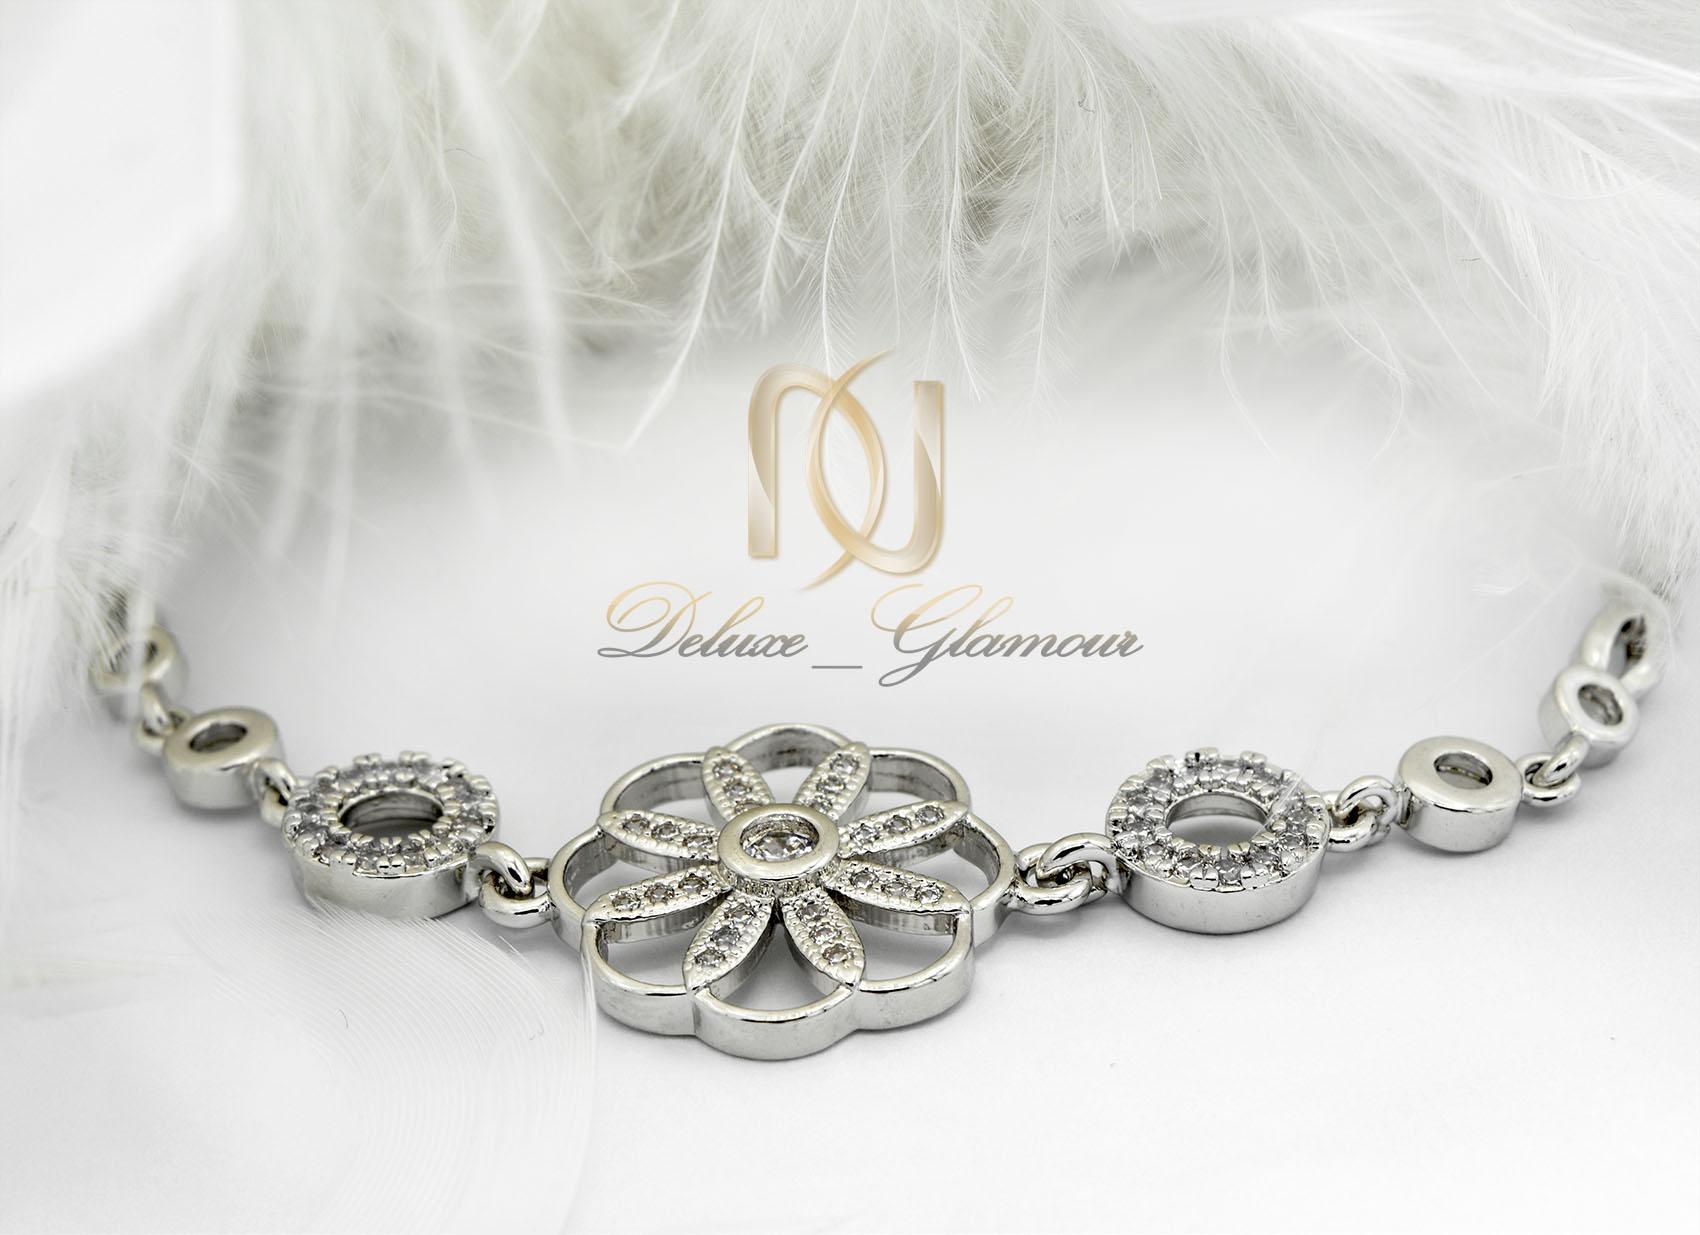 دستبند استیل دخترانه طرح گل ظریف فری سایز ds-n015